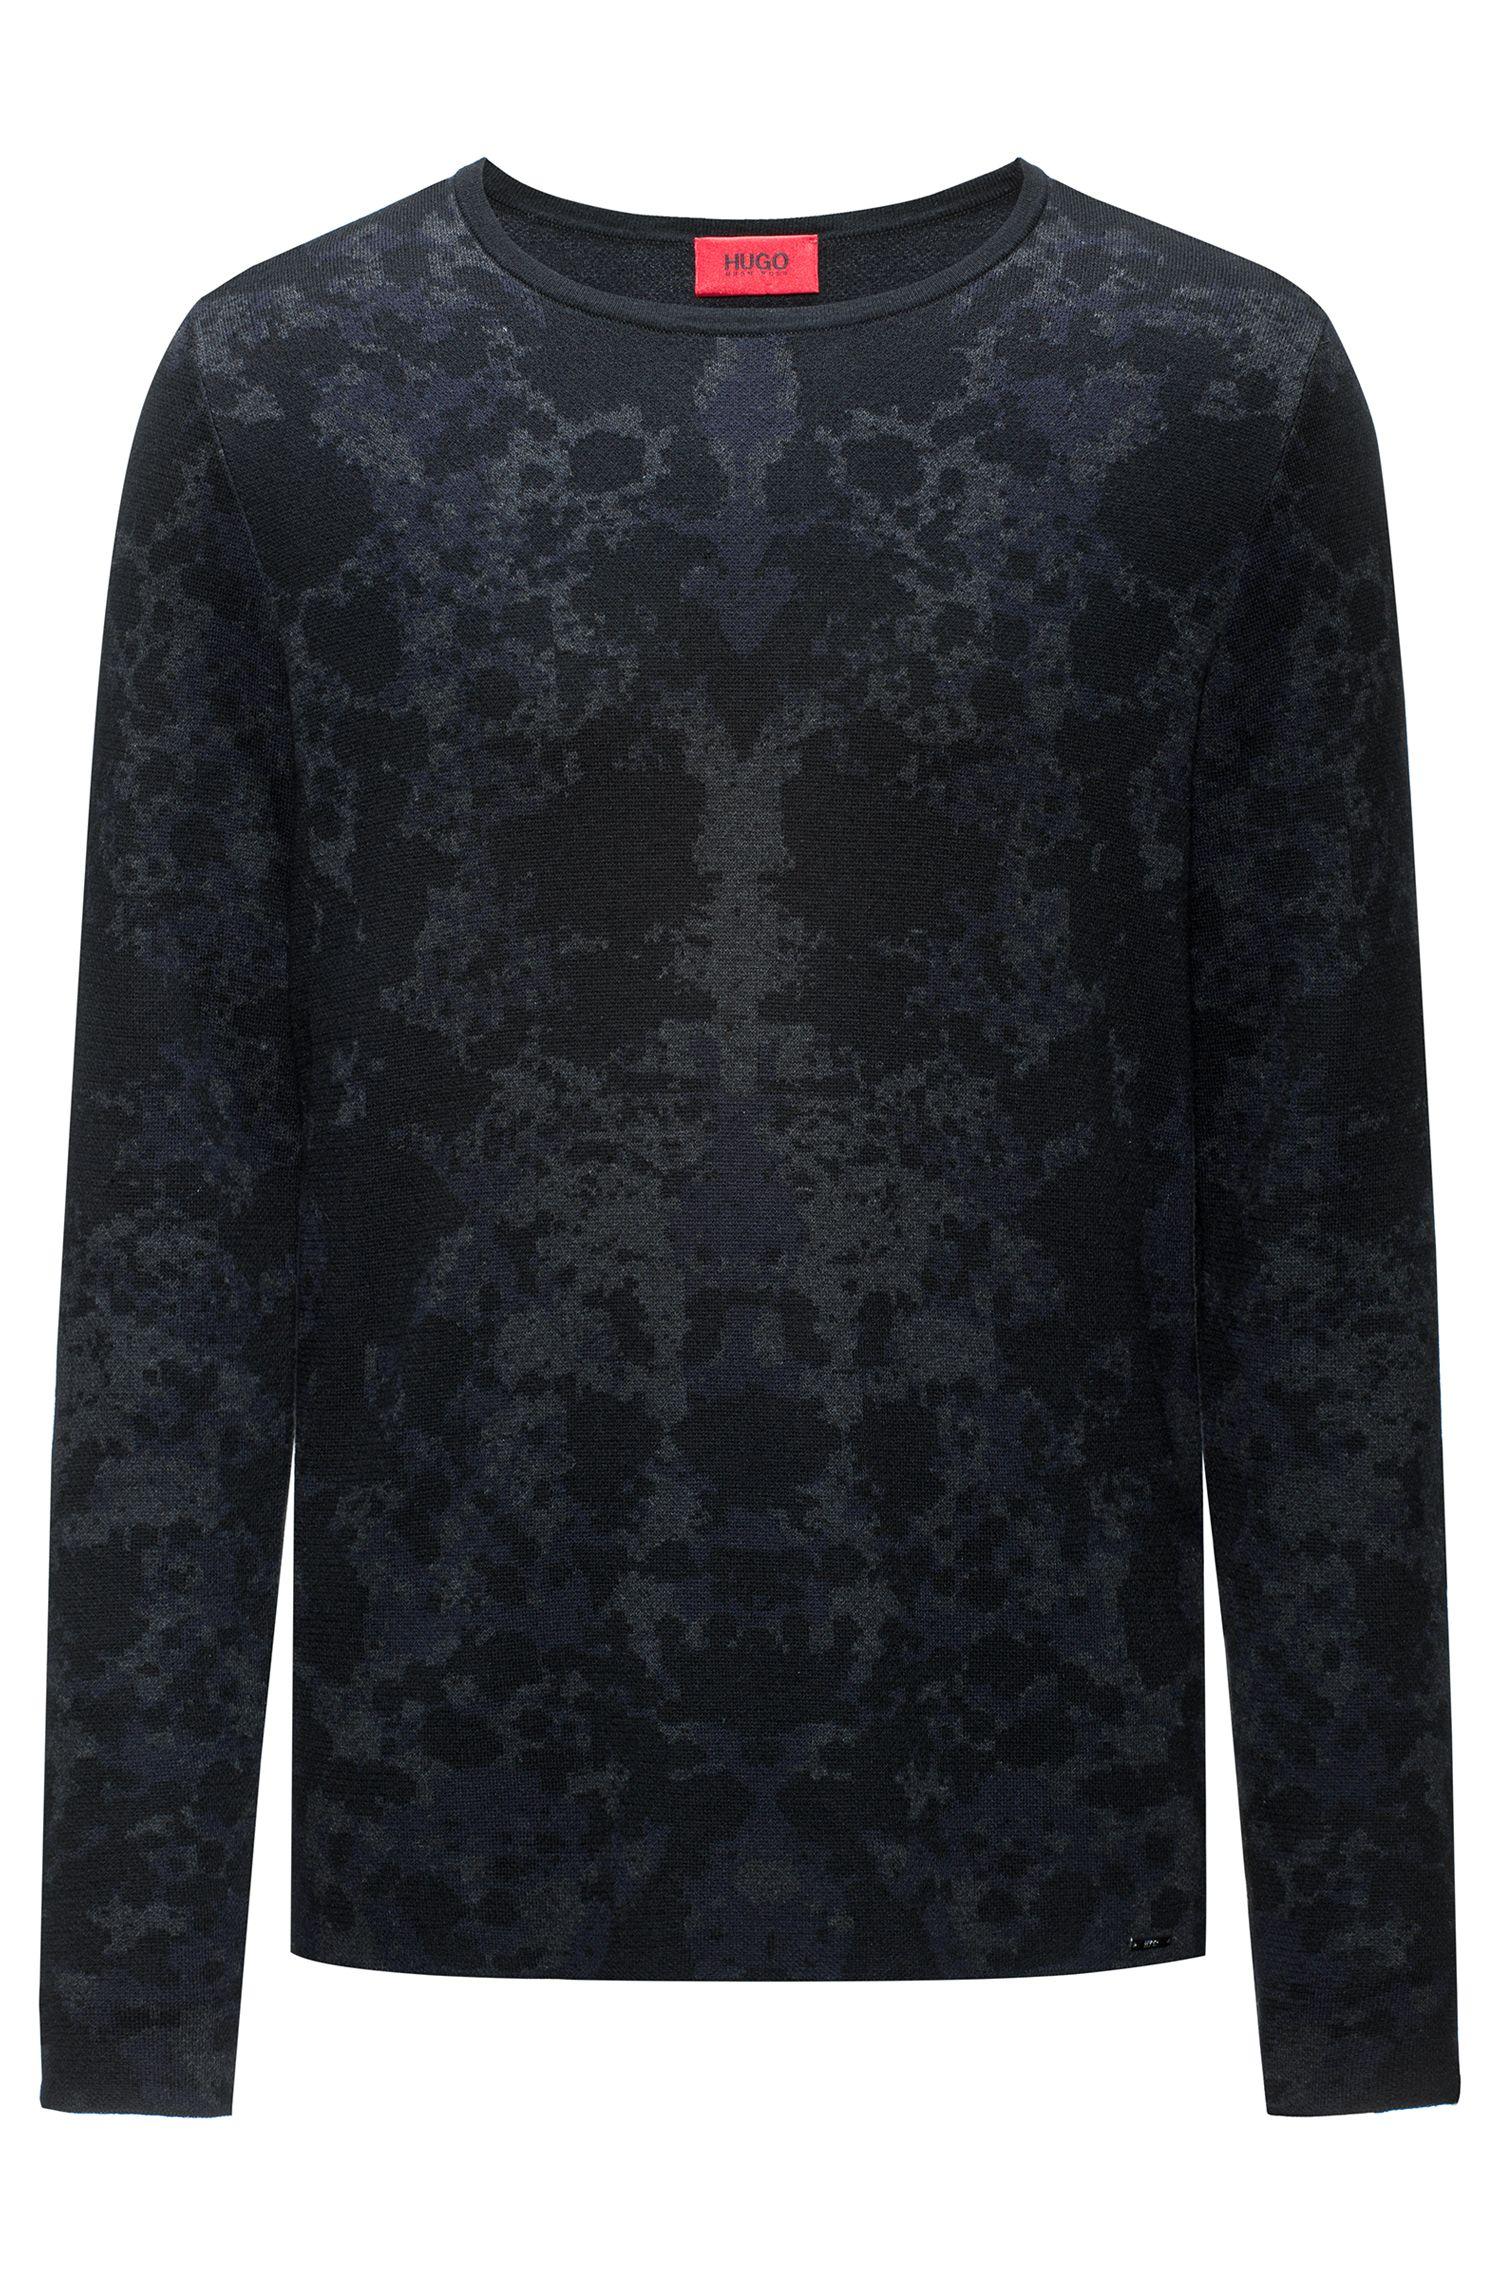 Jersey de cuello redondo en jacquard de mezcla de algodón